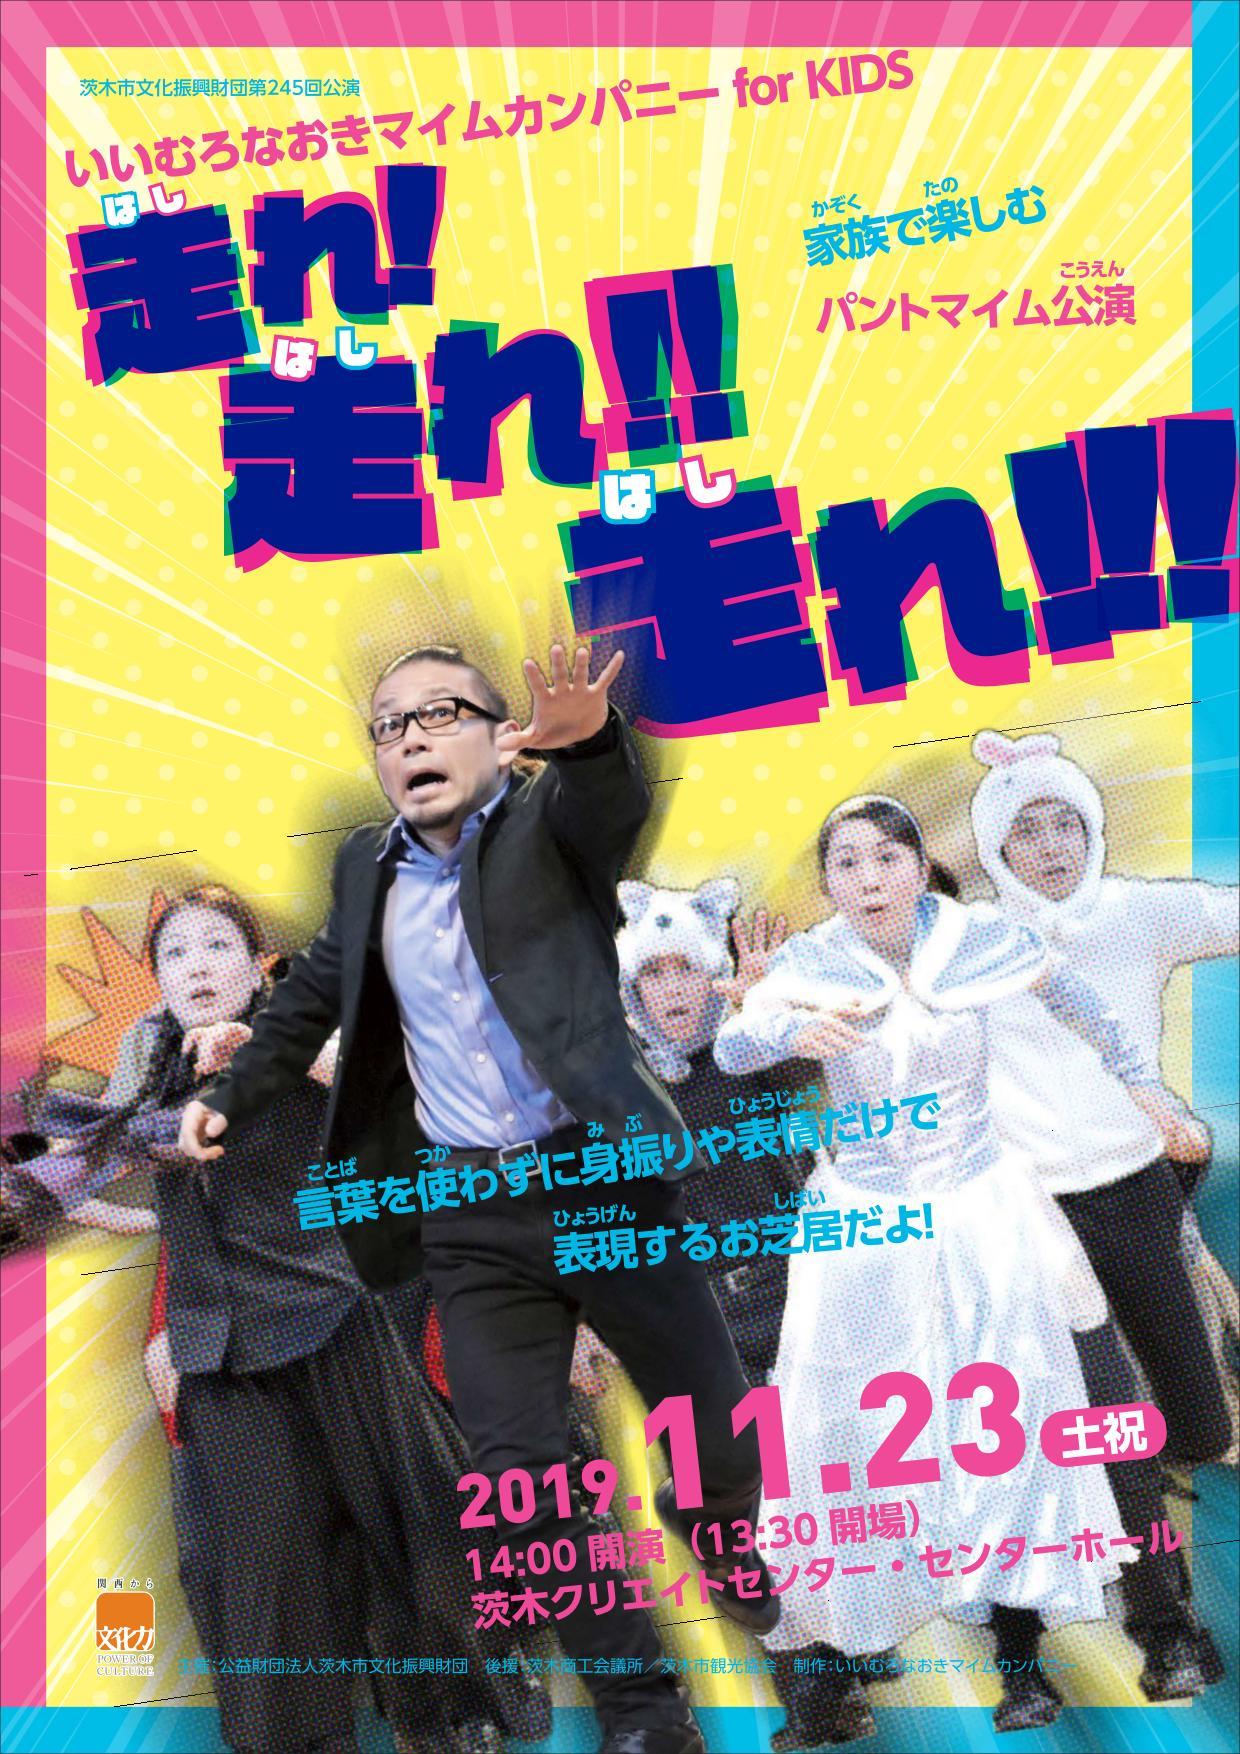 いいむろなおきマイムカンパニー  for KIDS  「走れ!走れ!!走れ!!!」